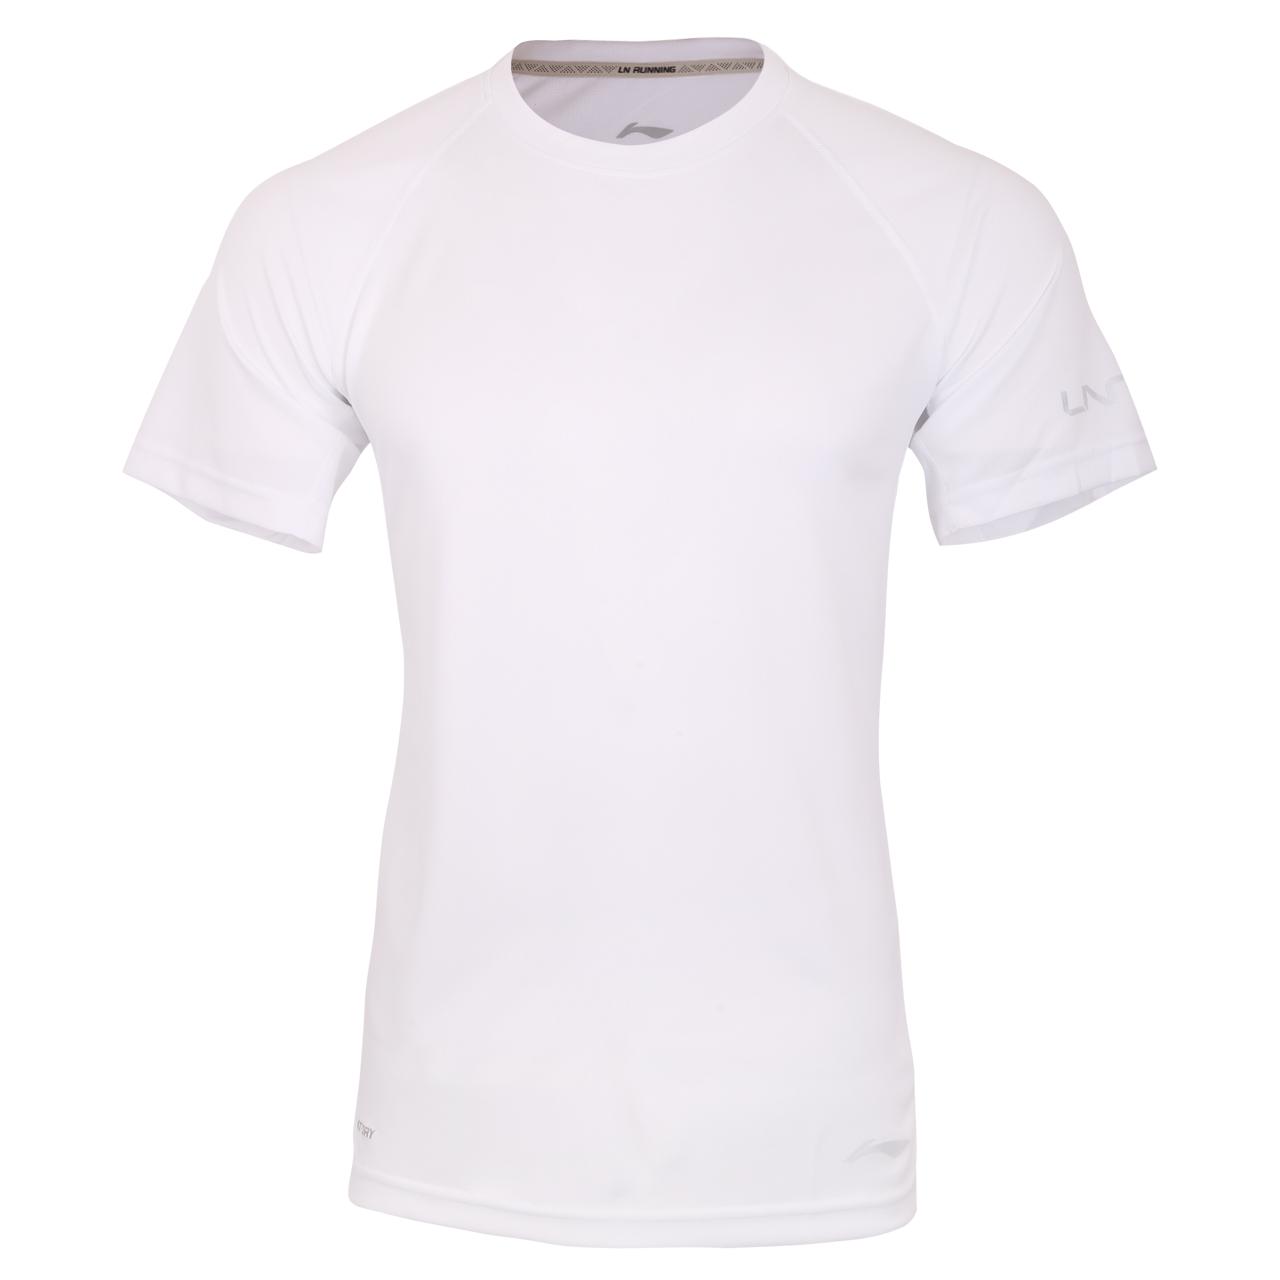 تی شرت مردانه لینینگ مدل ATSM209-4